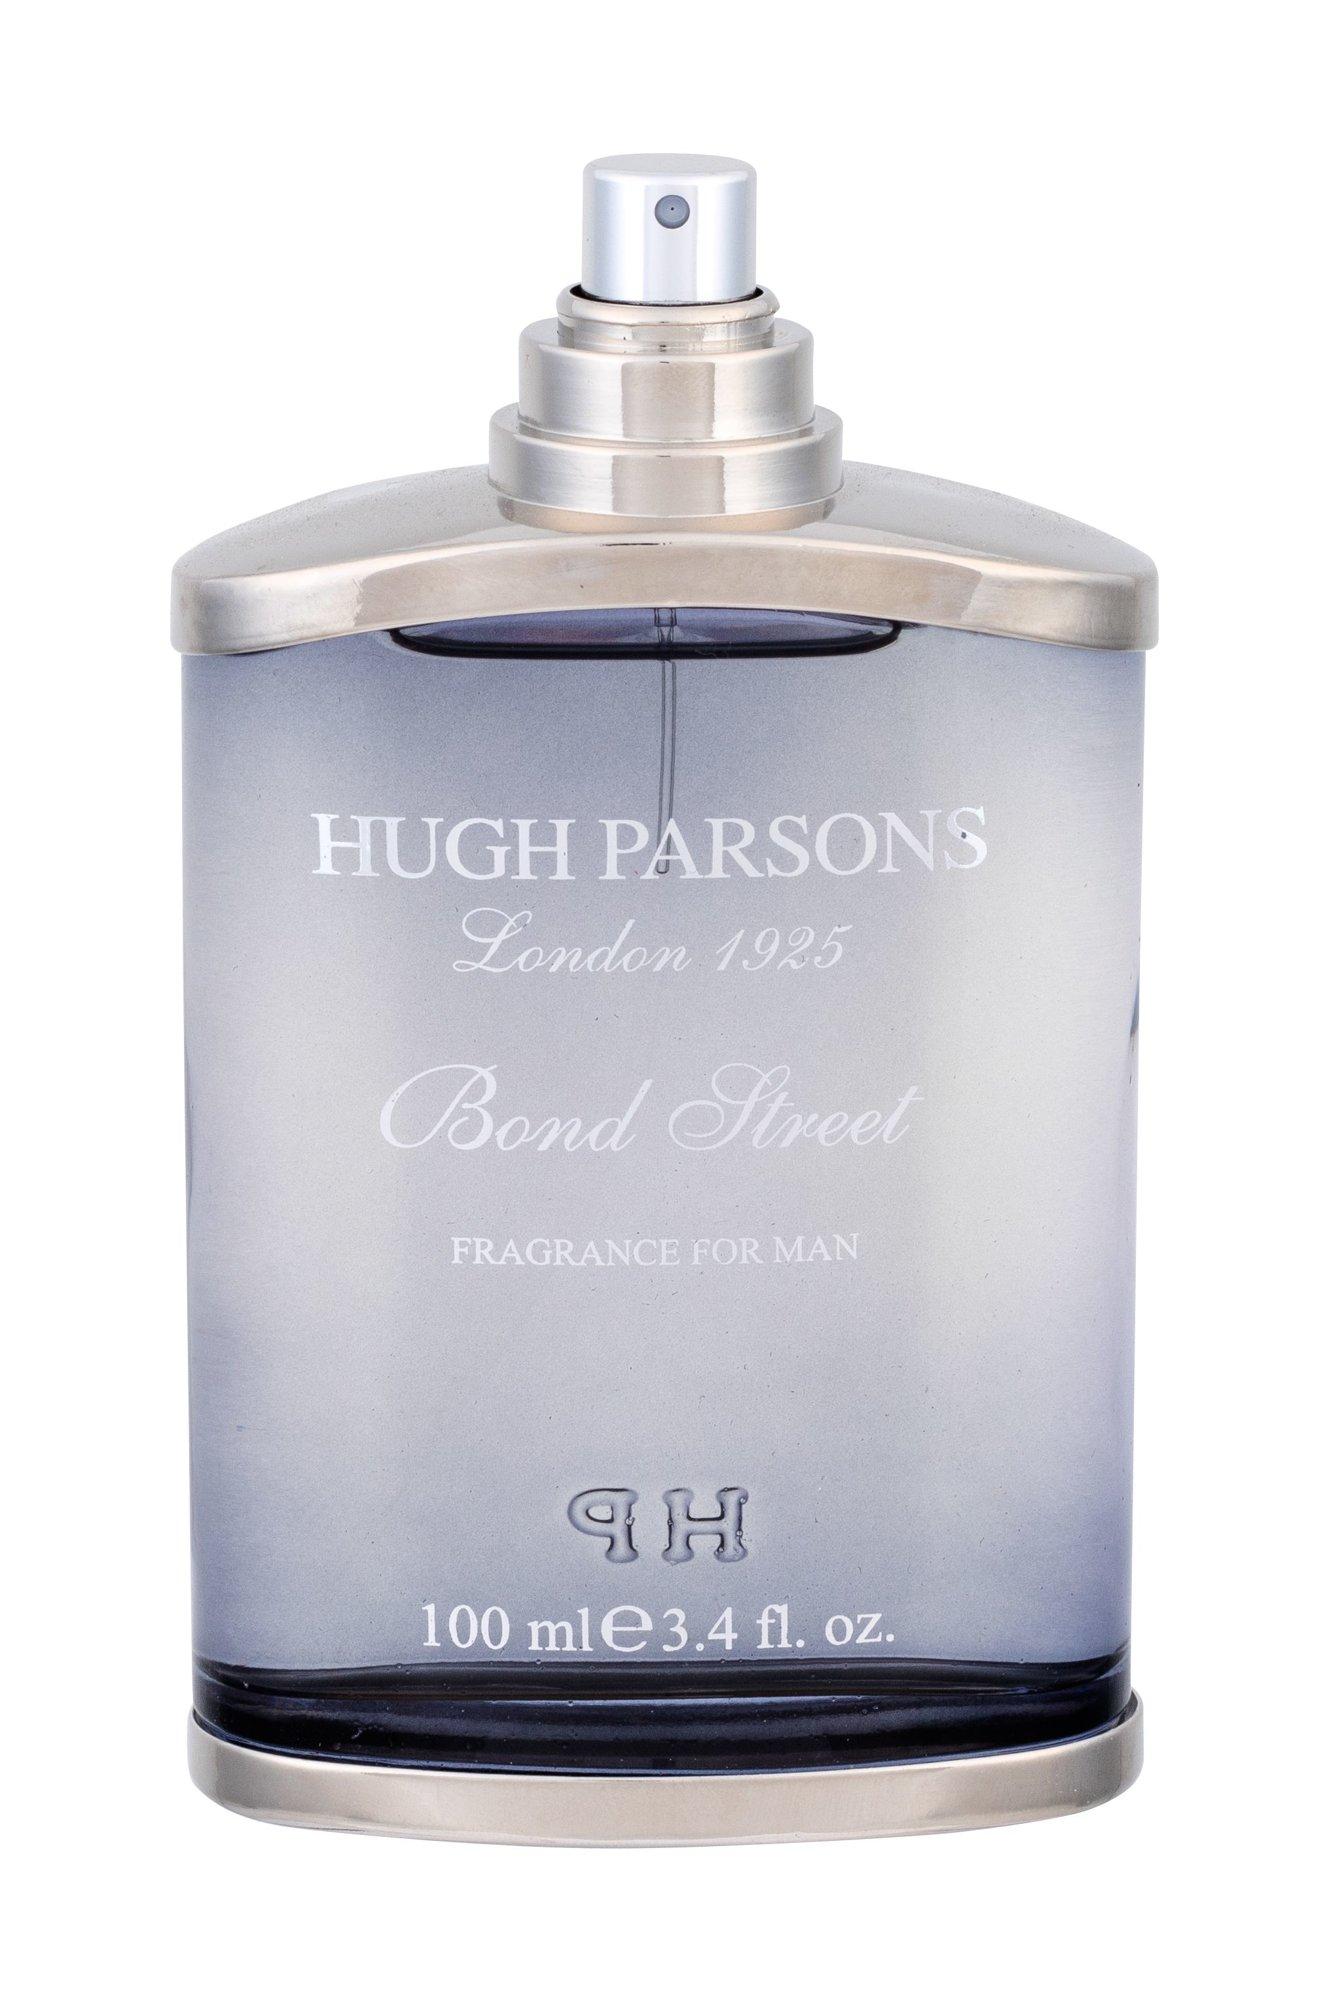 Hugh Parsons Bond Street Eau de Toilette 100ml